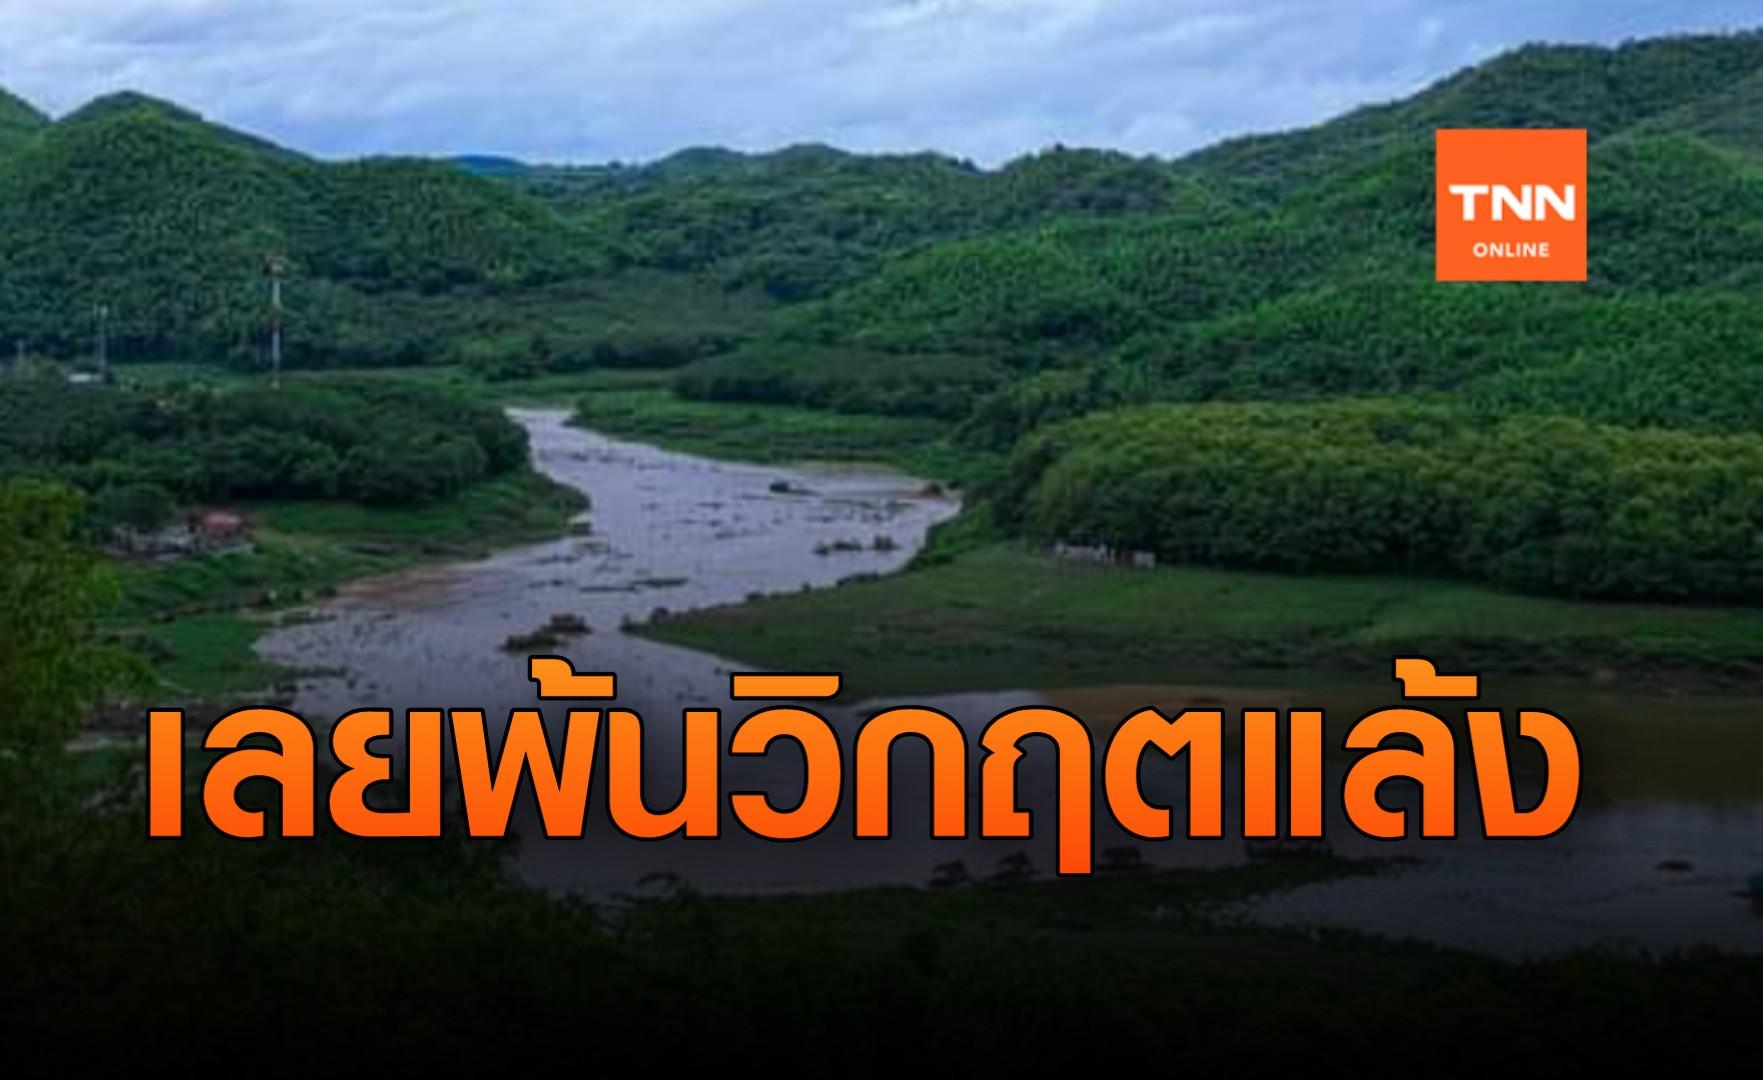 เลยเริ่มพ้นวิกฤตแล้ง น้ำในอ่างเพิ่มปริมาณหลังฝนตกหนัก